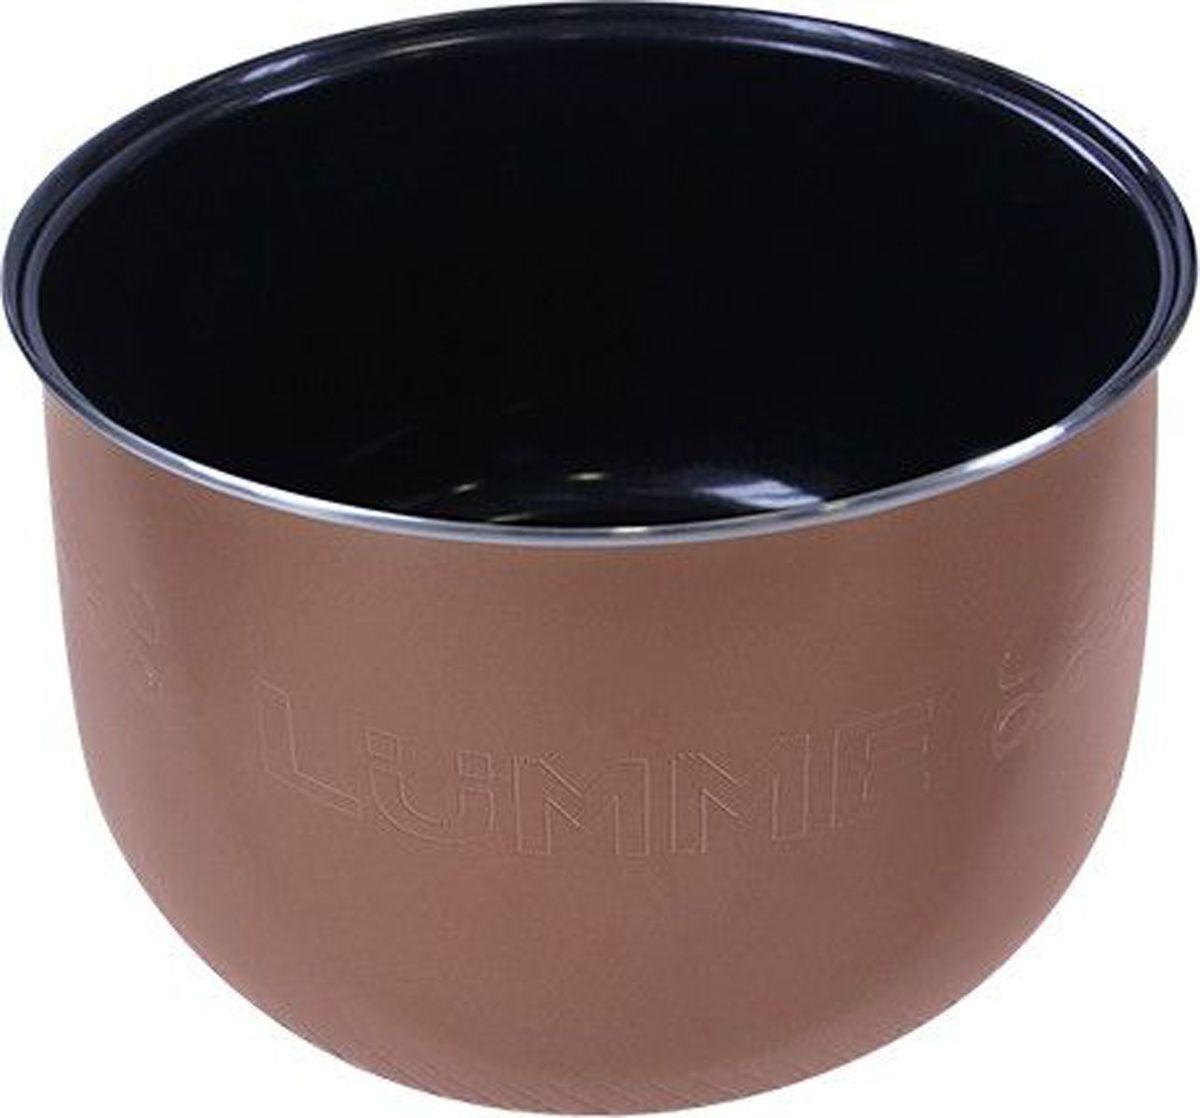 Lumme LU-MC301 Ceramic, Black чаша для мультиварки, 5 лLU-MC301Утолщенная чаша для мультиварки, объем 5л, внутреннее двухслойное экологически чистое керамическое покрытие